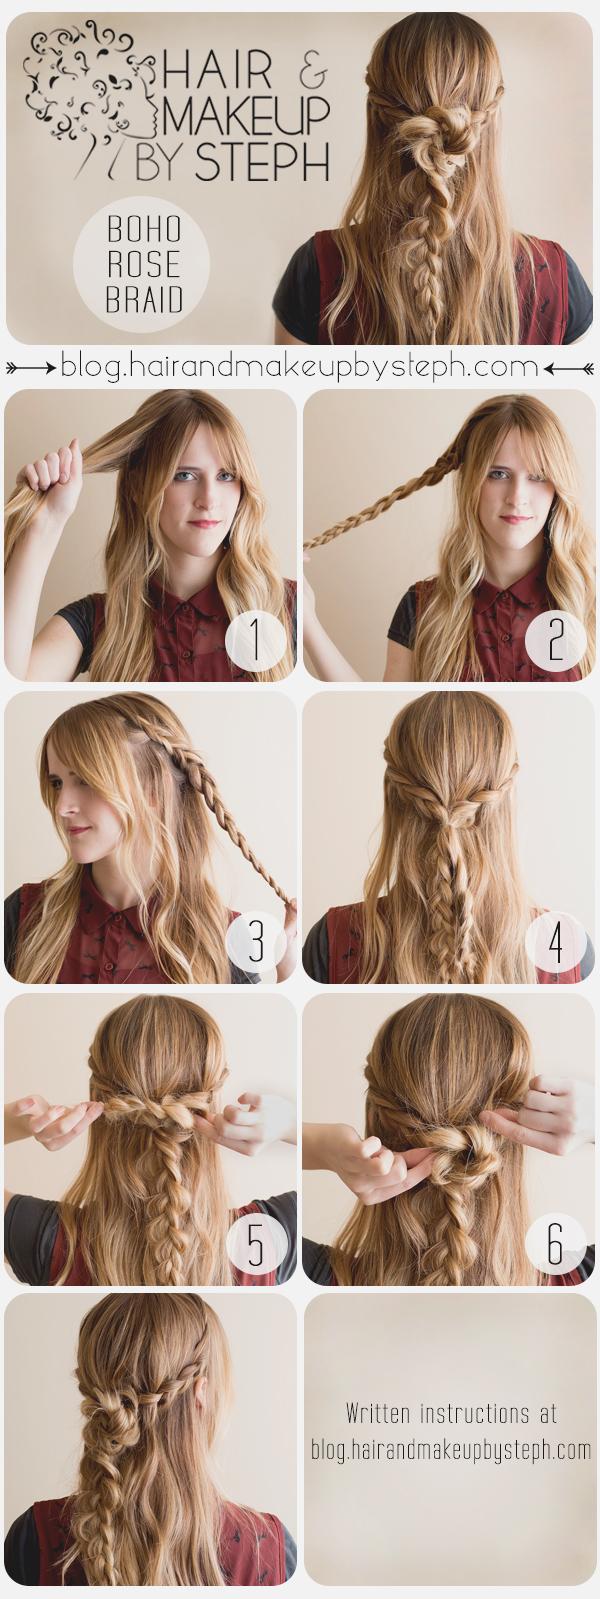 Tremendous How To Do Boho Braid Hairstyles Braids Short Hairstyles Gunalazisus